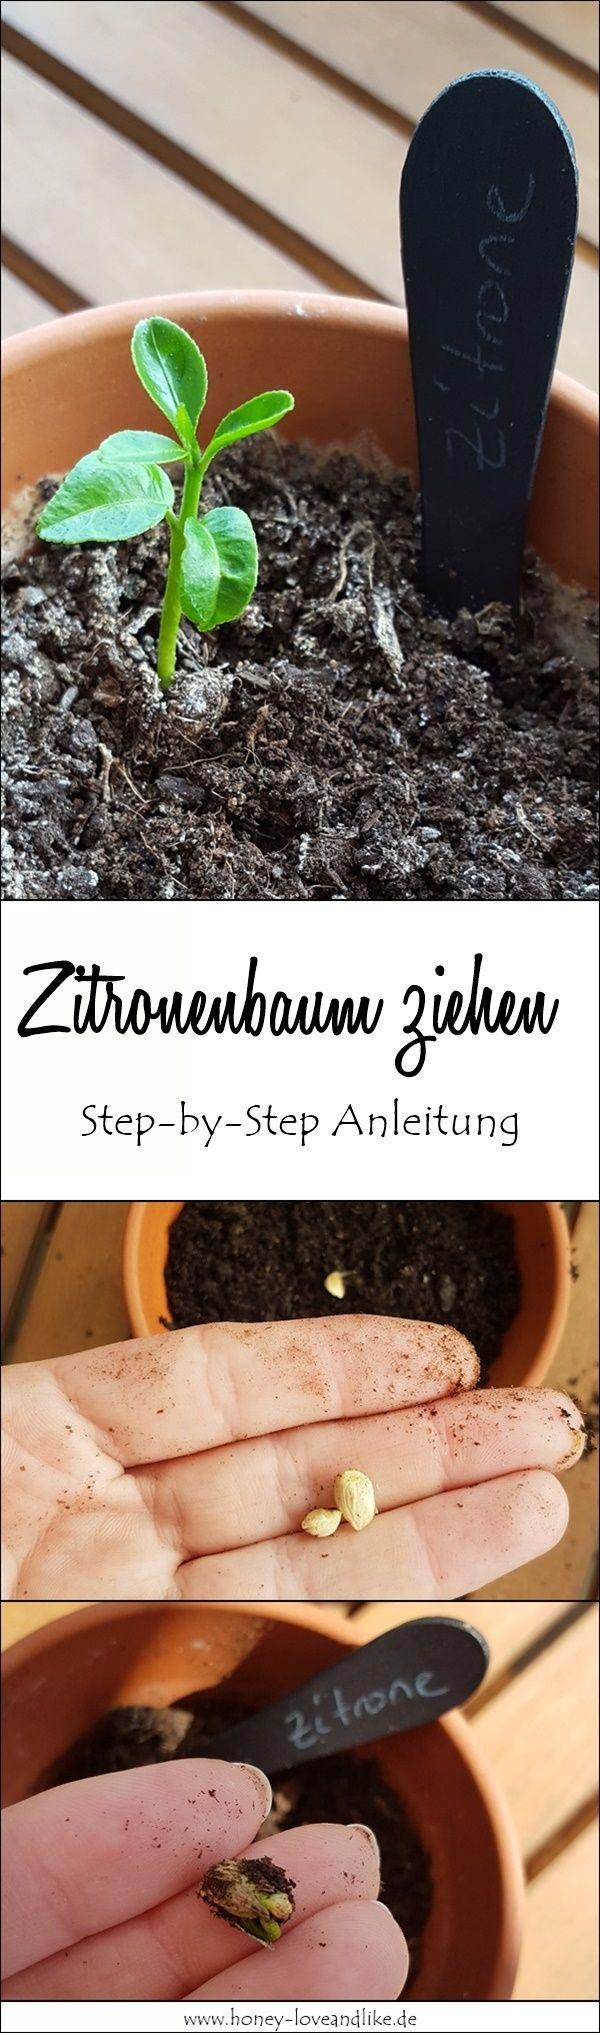 So zieht man einen Zitronenbaum! Mit Step by Step Anleitung. #Zitronenbaum #Zitronenbäumchen #Pflanzenziehen #selberziehen